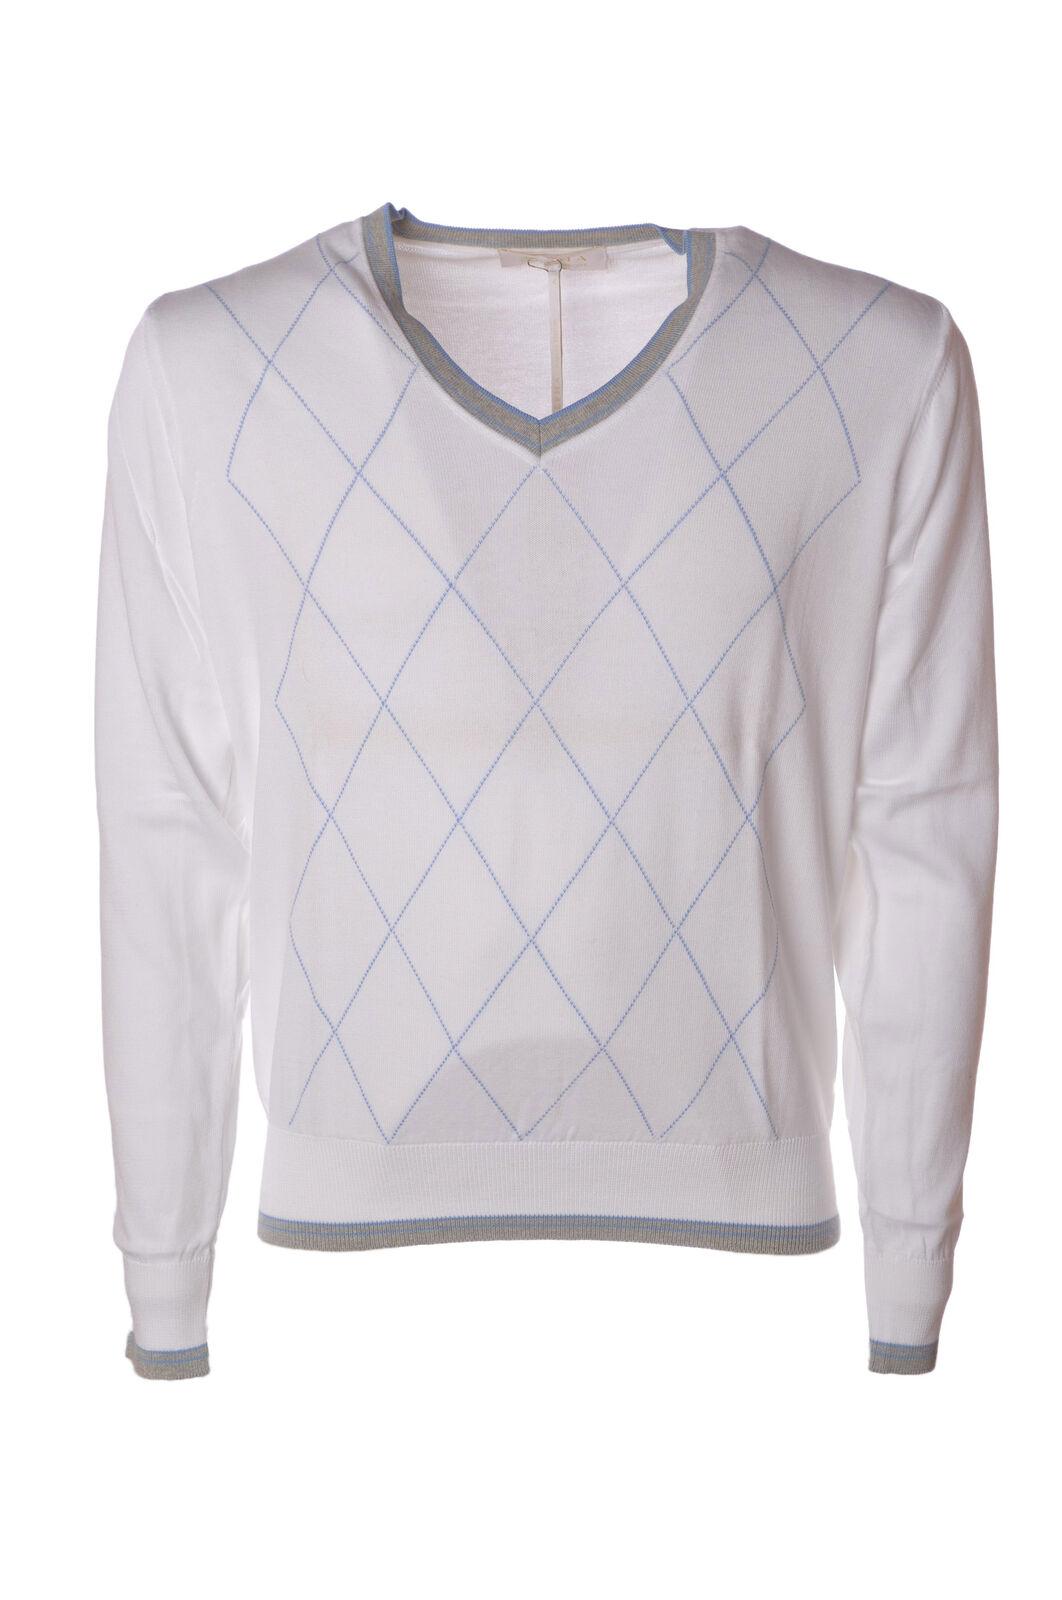 Alpha - Knitwear-Sweaters - Man - Weiß - 4625003N184916